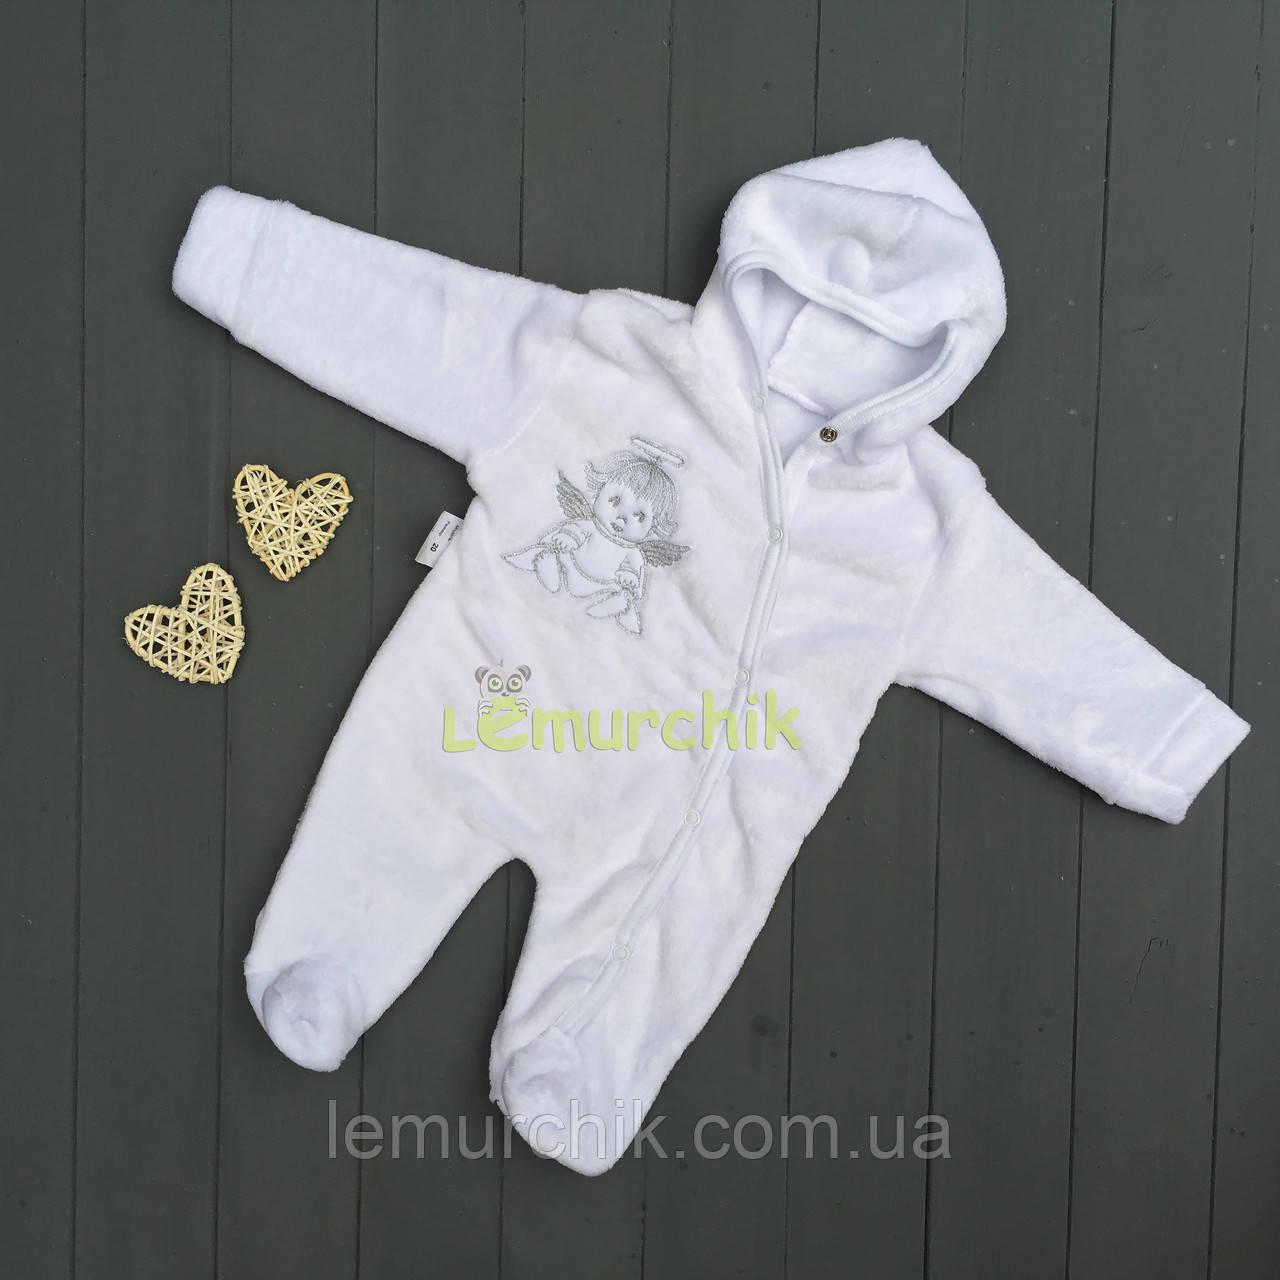 Чоловічок для новонародженого махра білий, 0-3 місяці